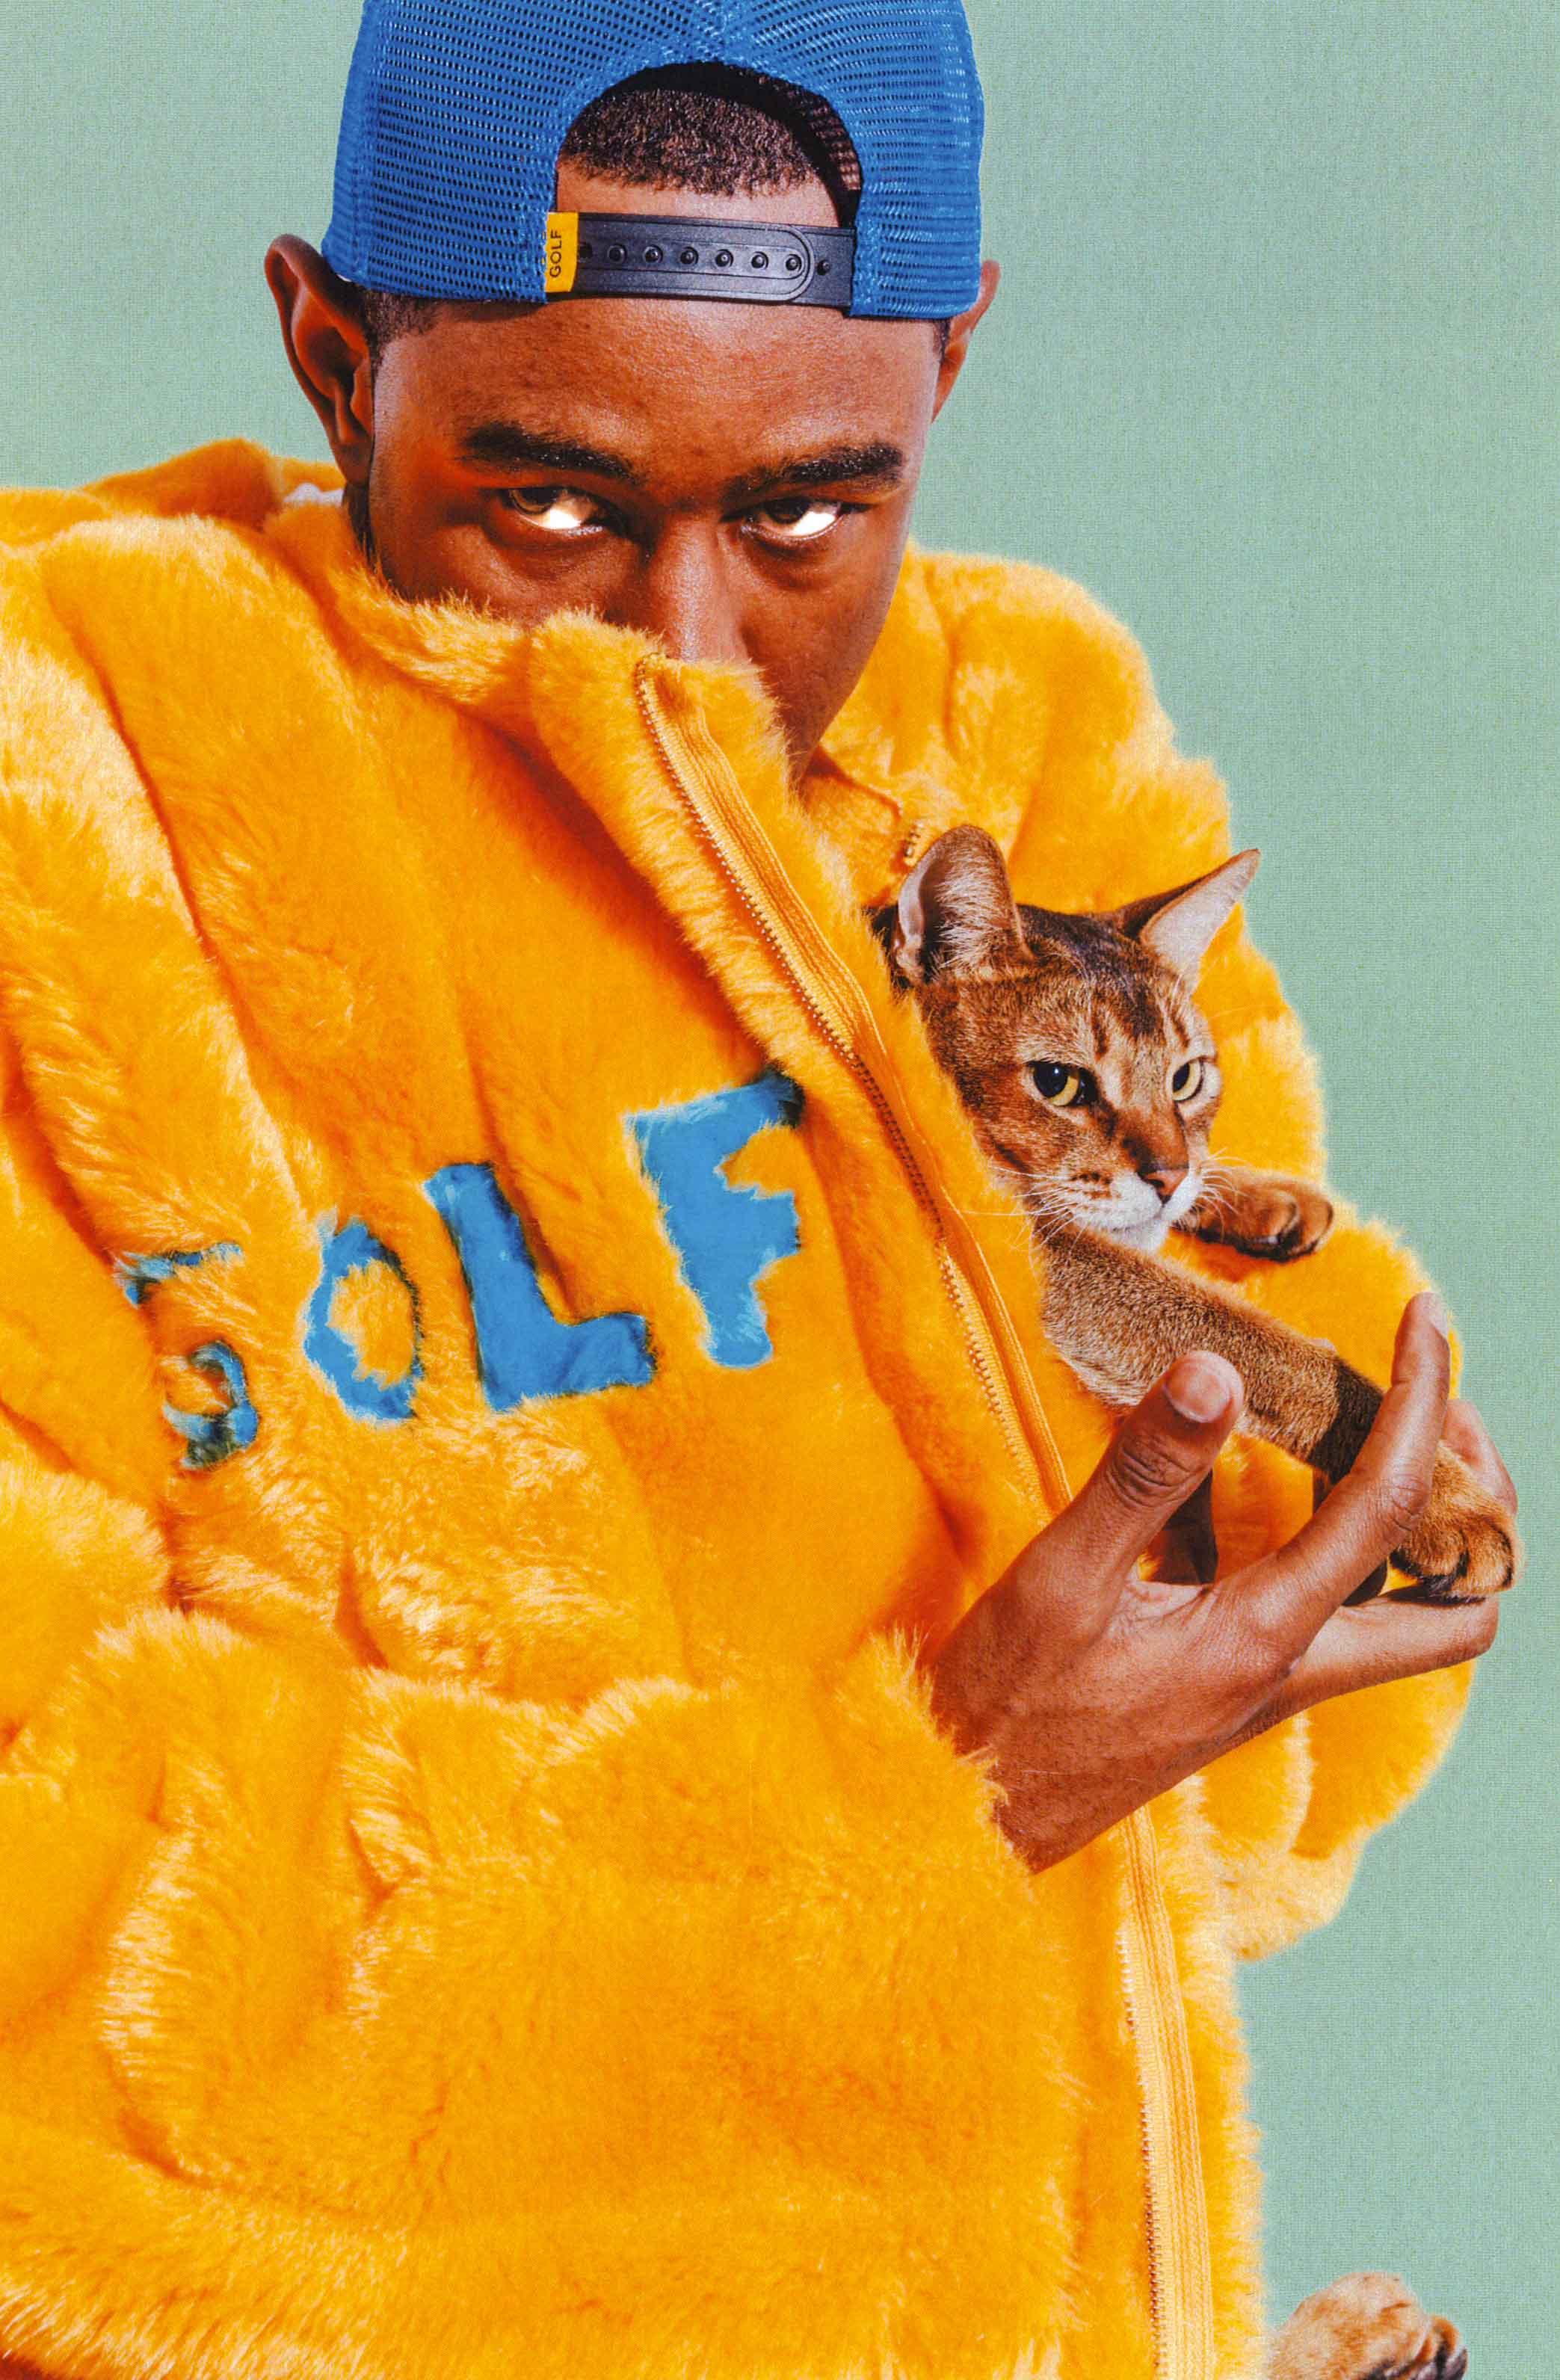 Tyler The Creator dévoile le lookbook GOLF WANG F/W 2015